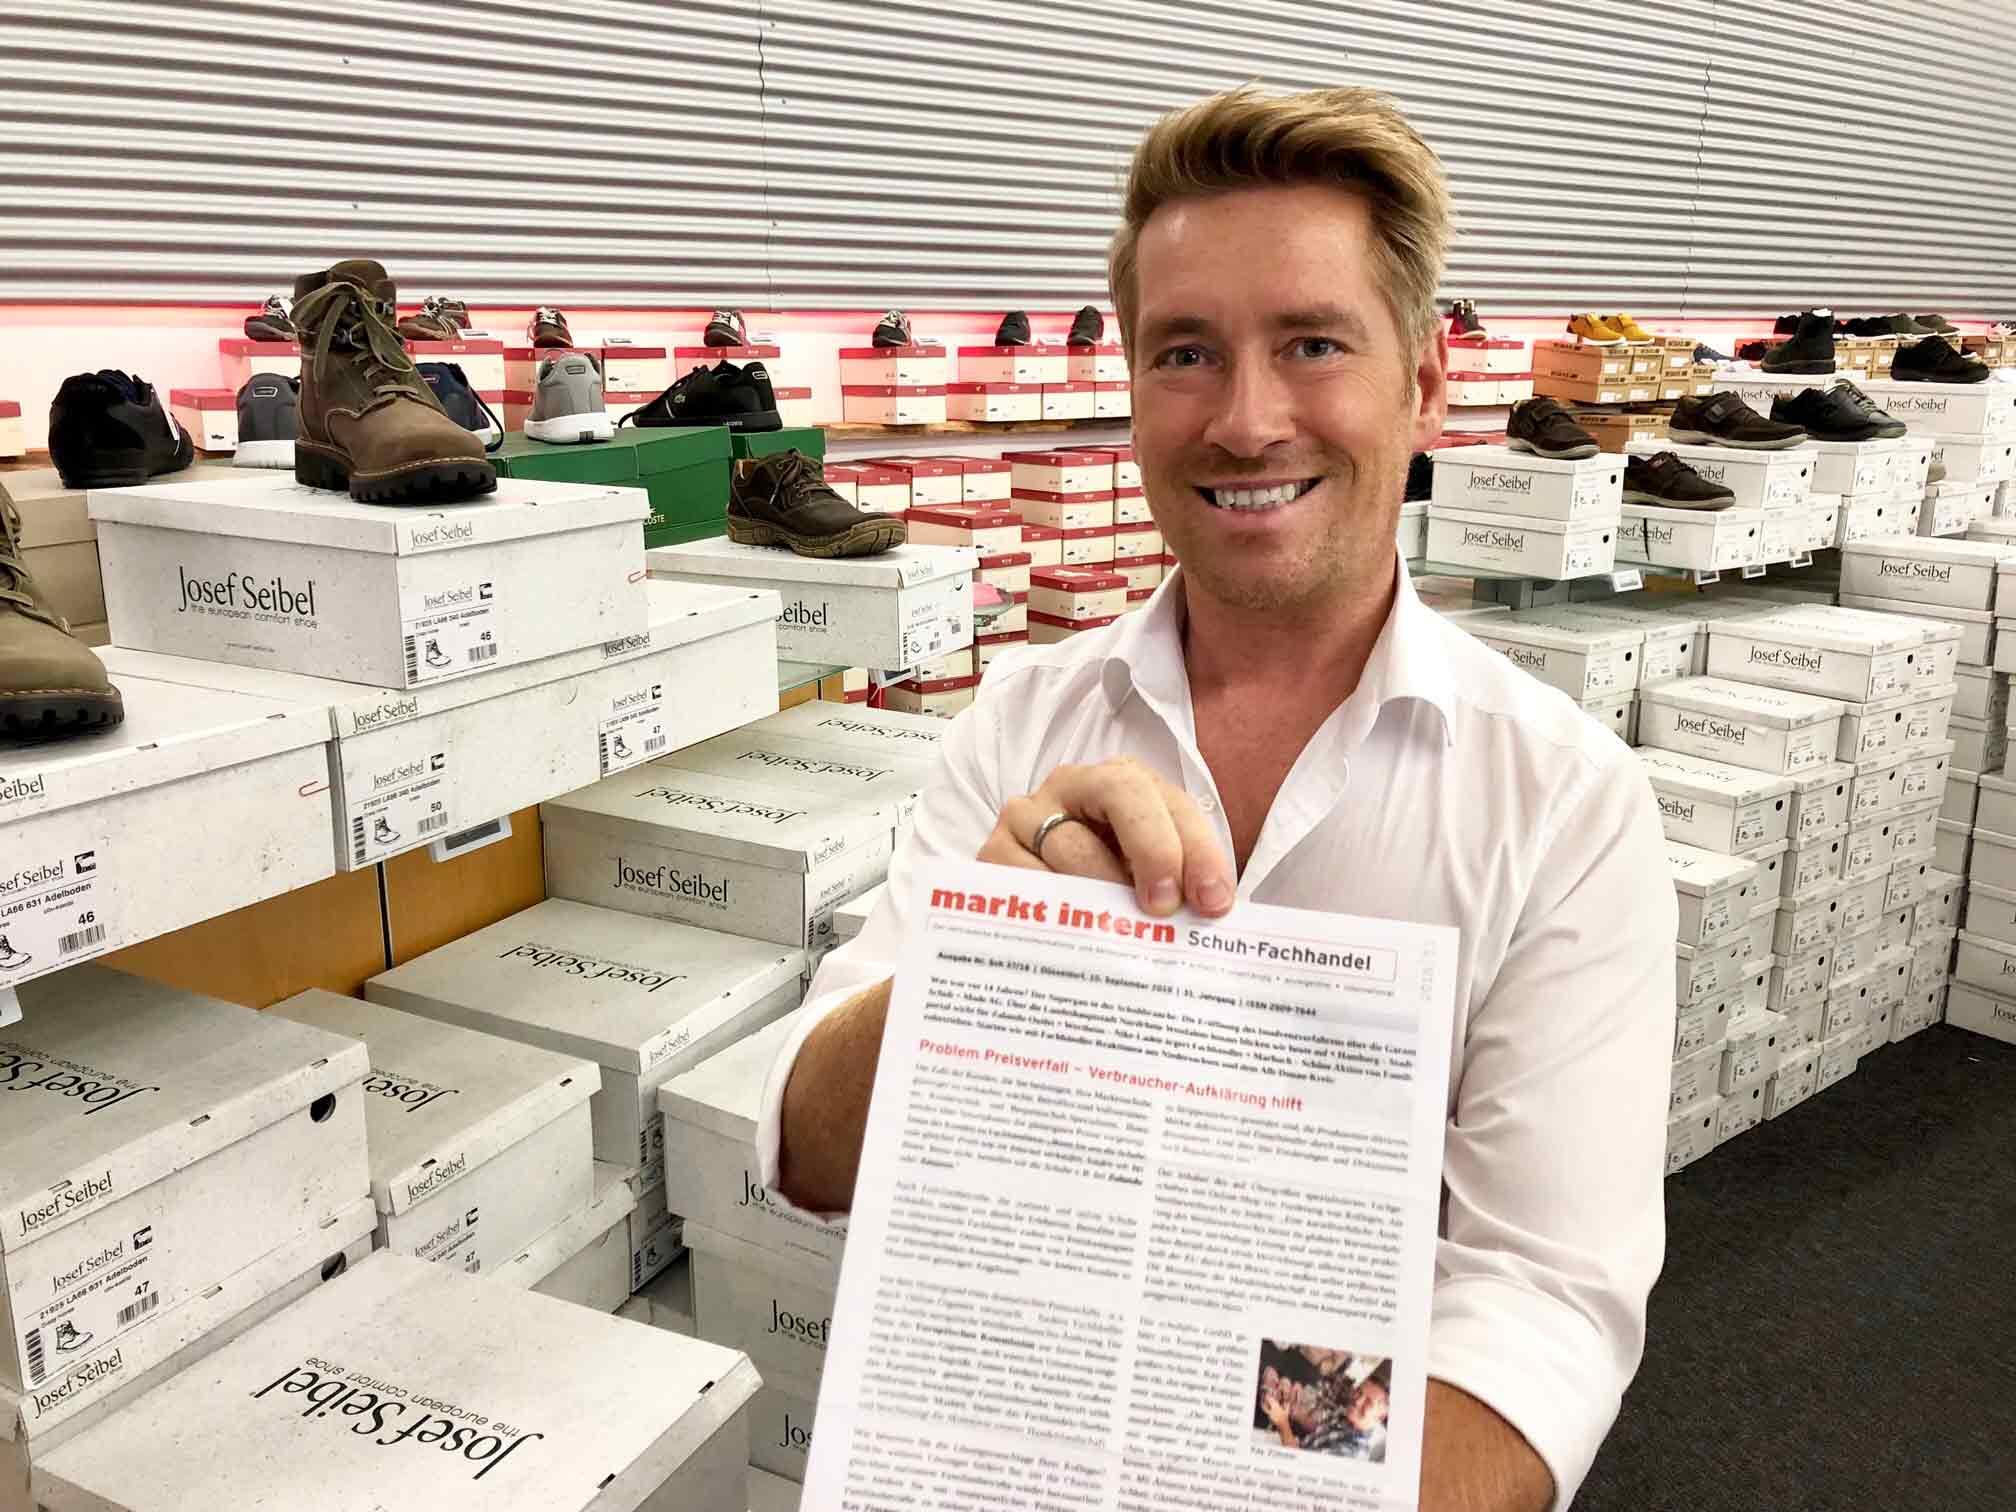 Bericht über schuhplus im Schuh-Fachhandel Brancheninformationsbrief markt intern